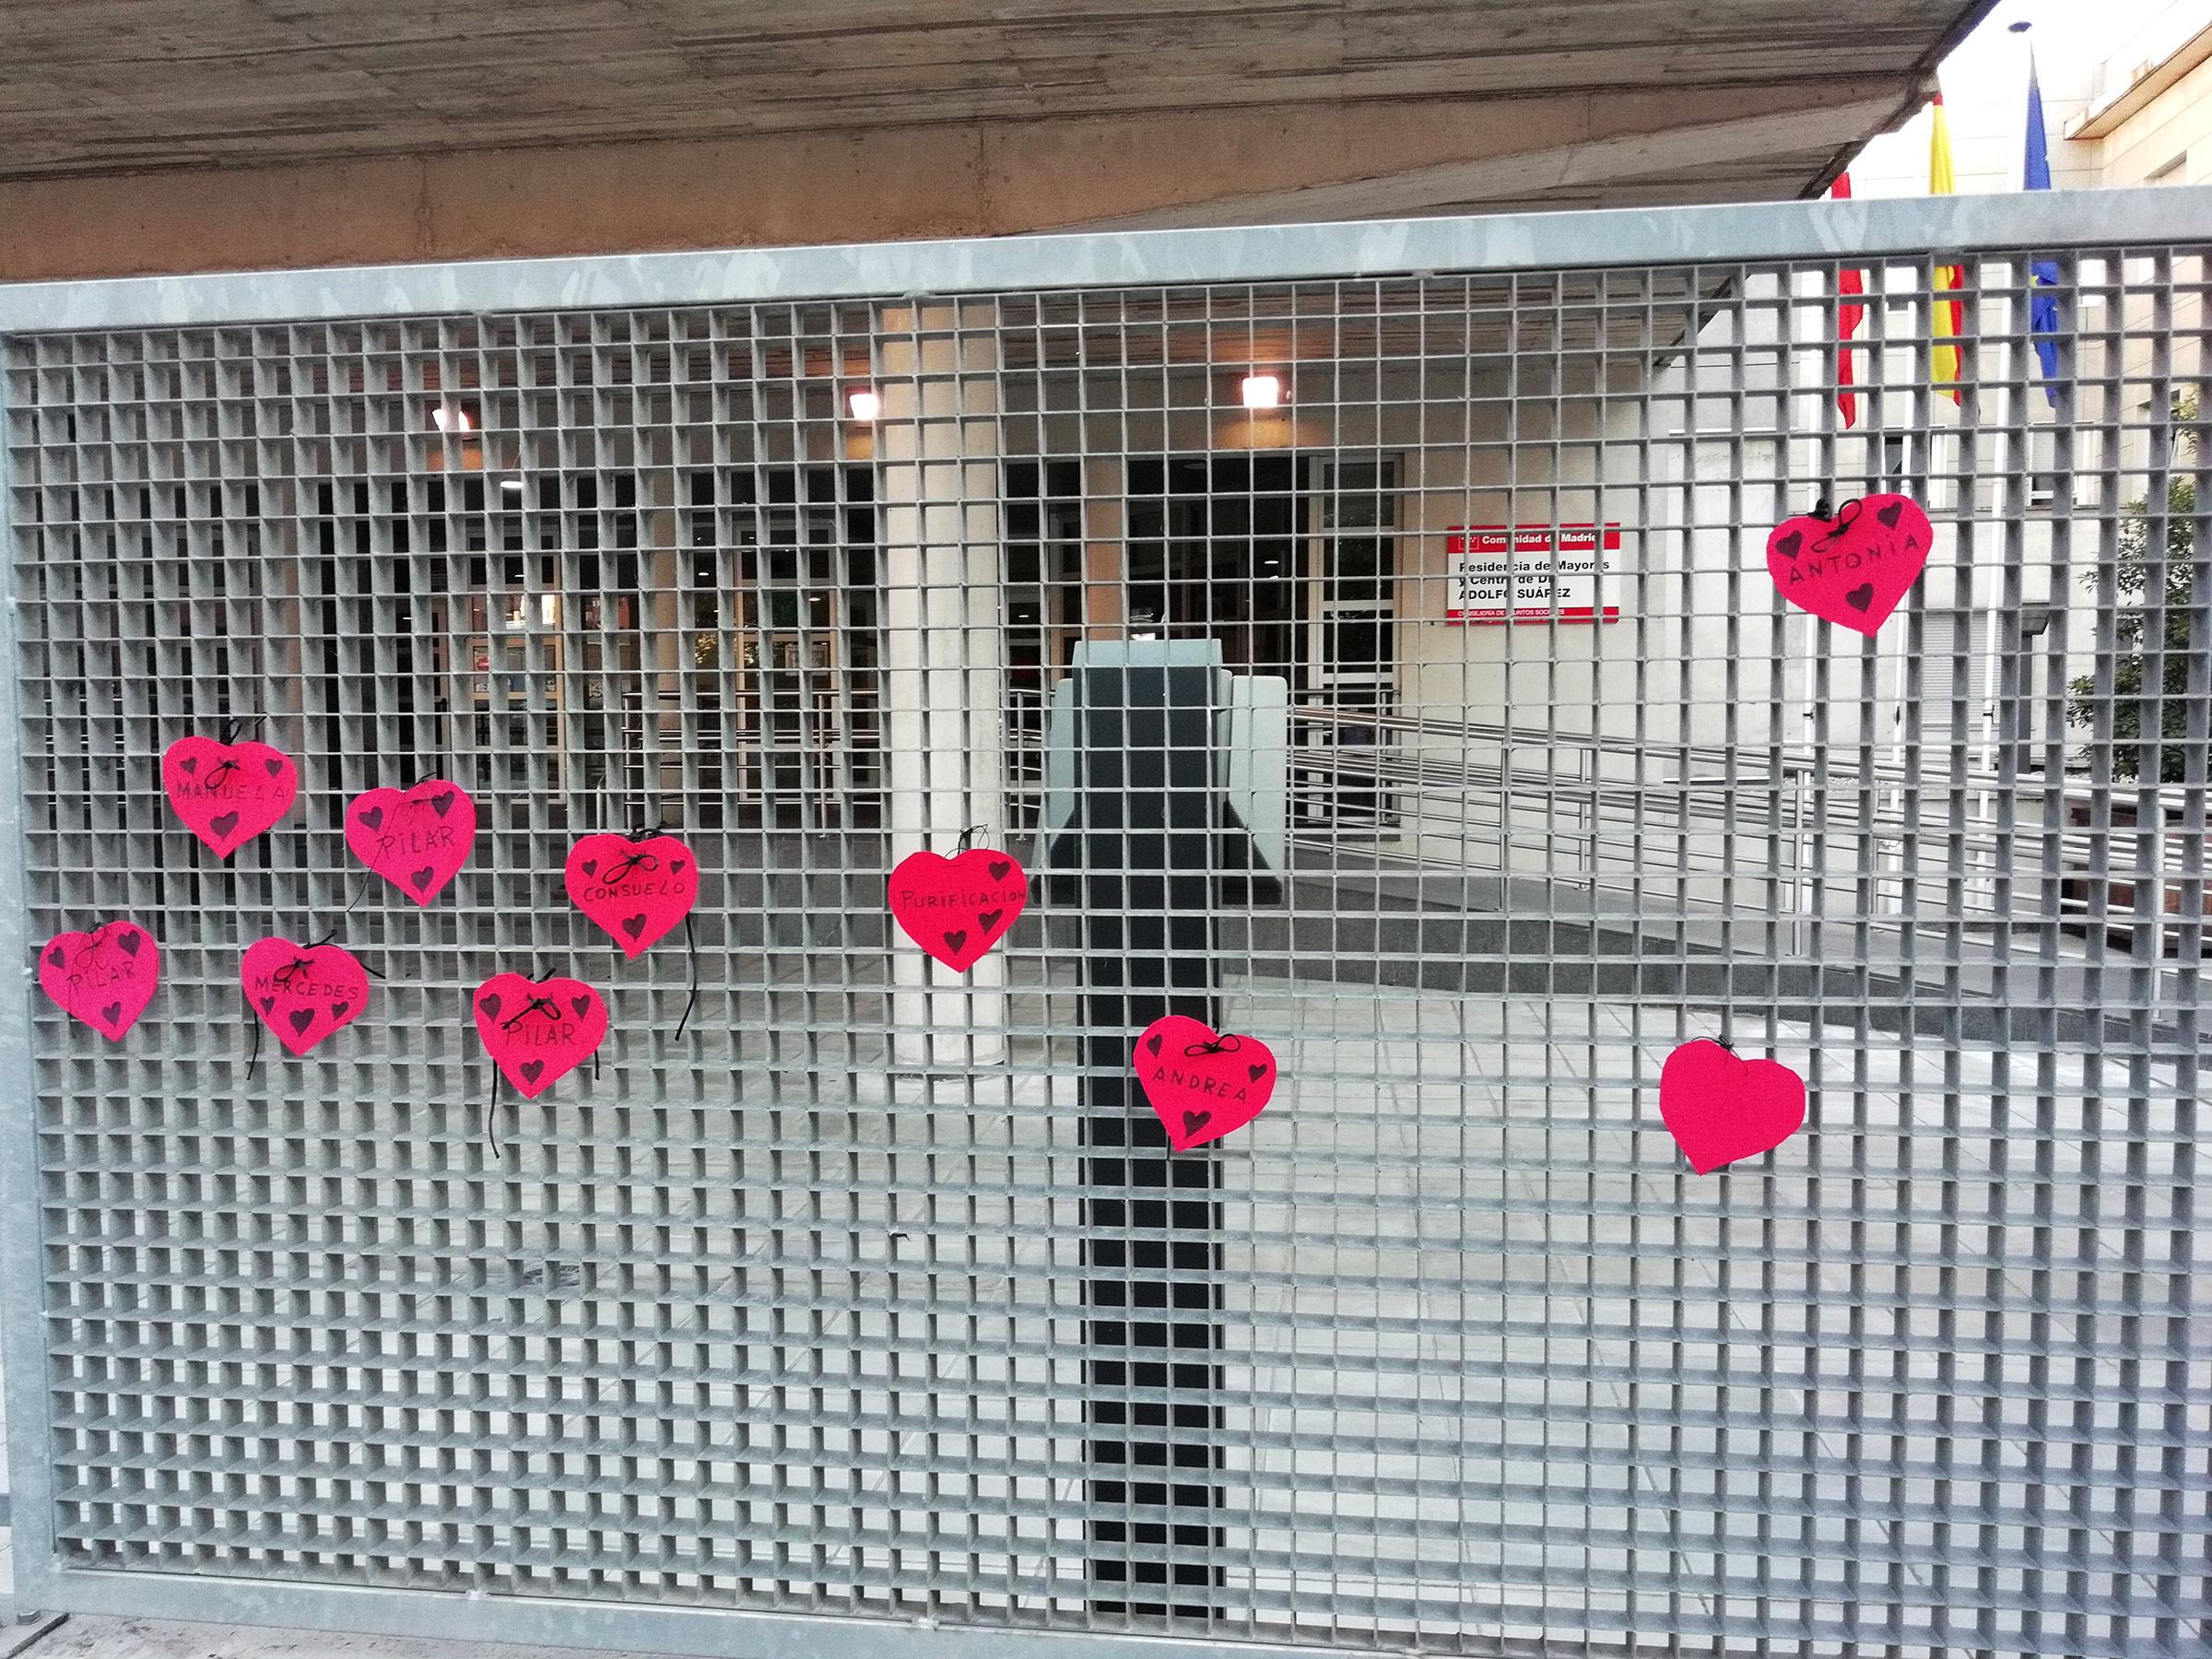 Los familiares congregados ataron a la verja de la entrada unos corazones rojos con los nombres de los fallecidos